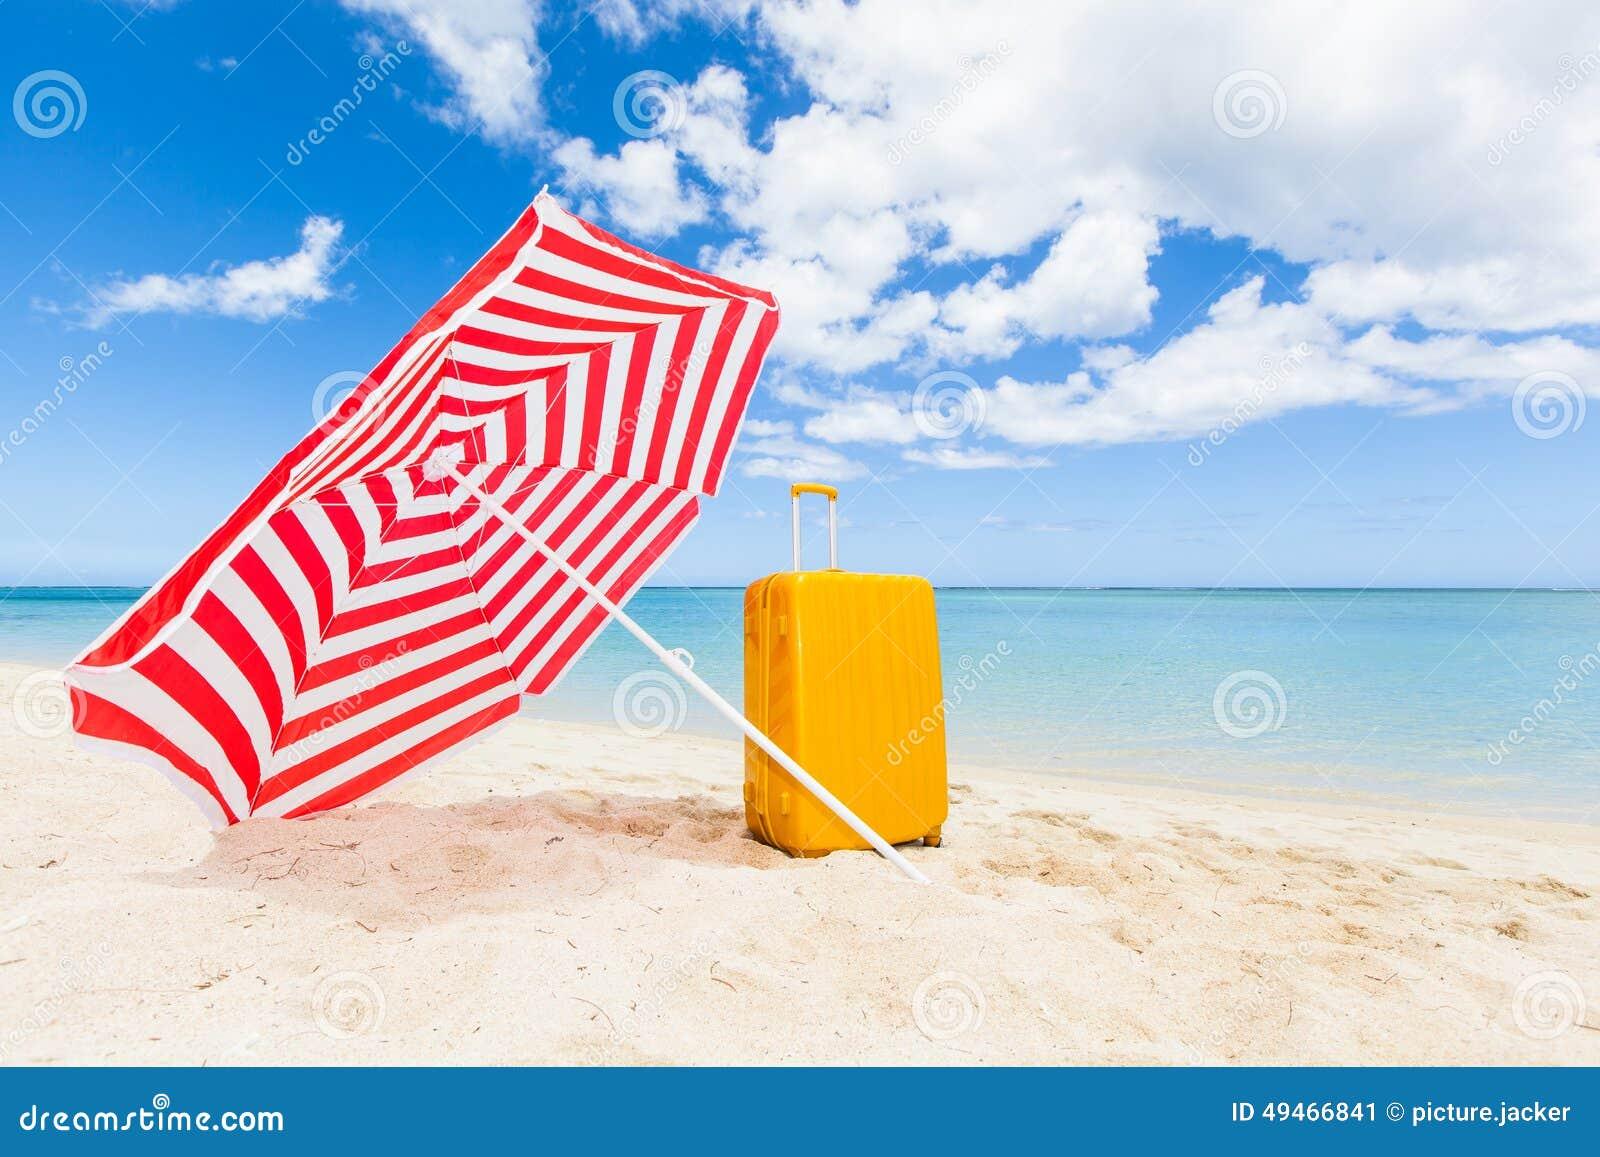 Sombrilla y carretilla en la playa imagen de archivo - Sombrilla playa ...